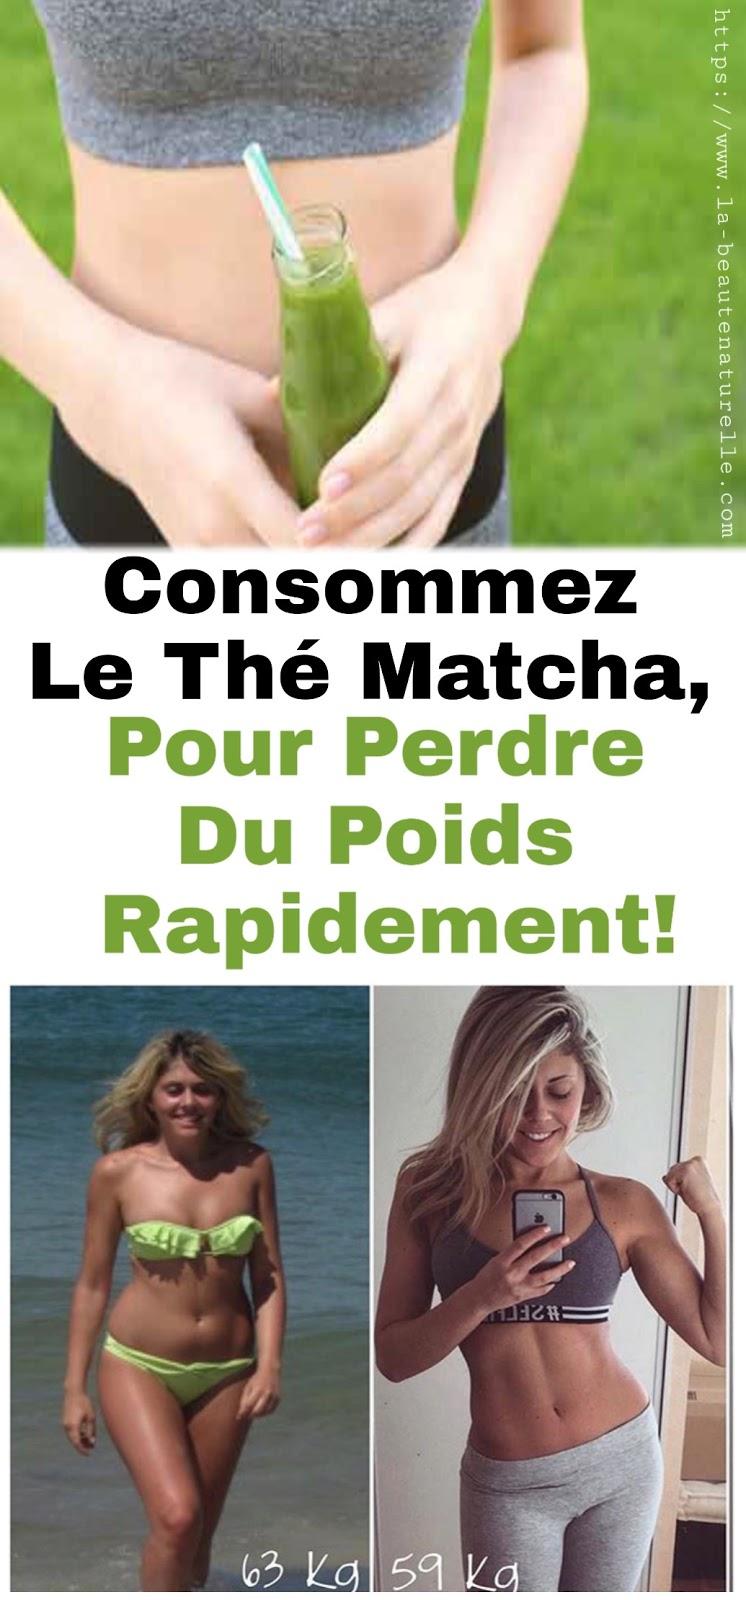 Consommez Le Thé Matcha, Pour Perdre Du Poids Rapidement!